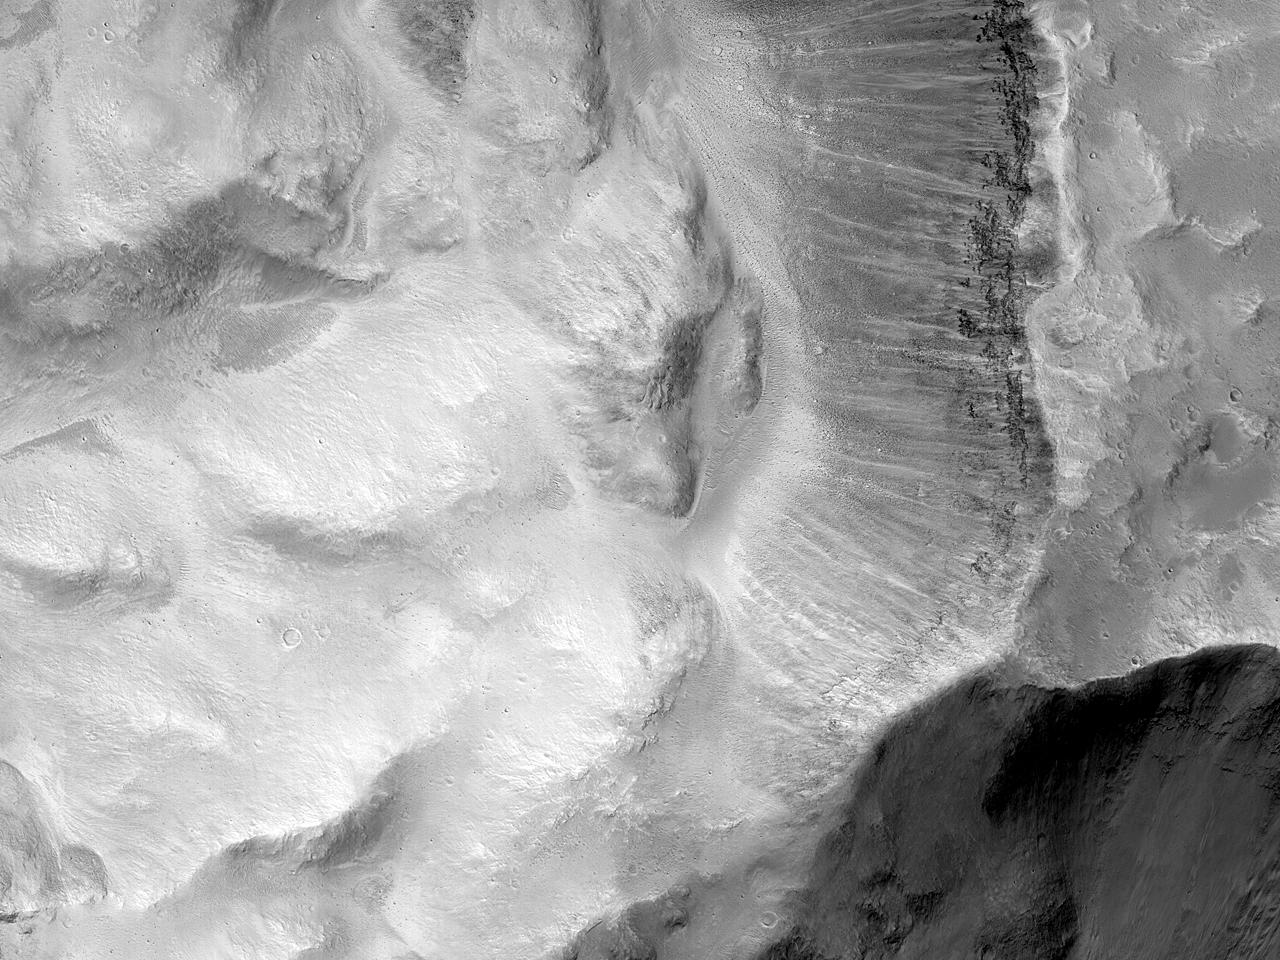 Склон кратера в долинах Tiu Valles